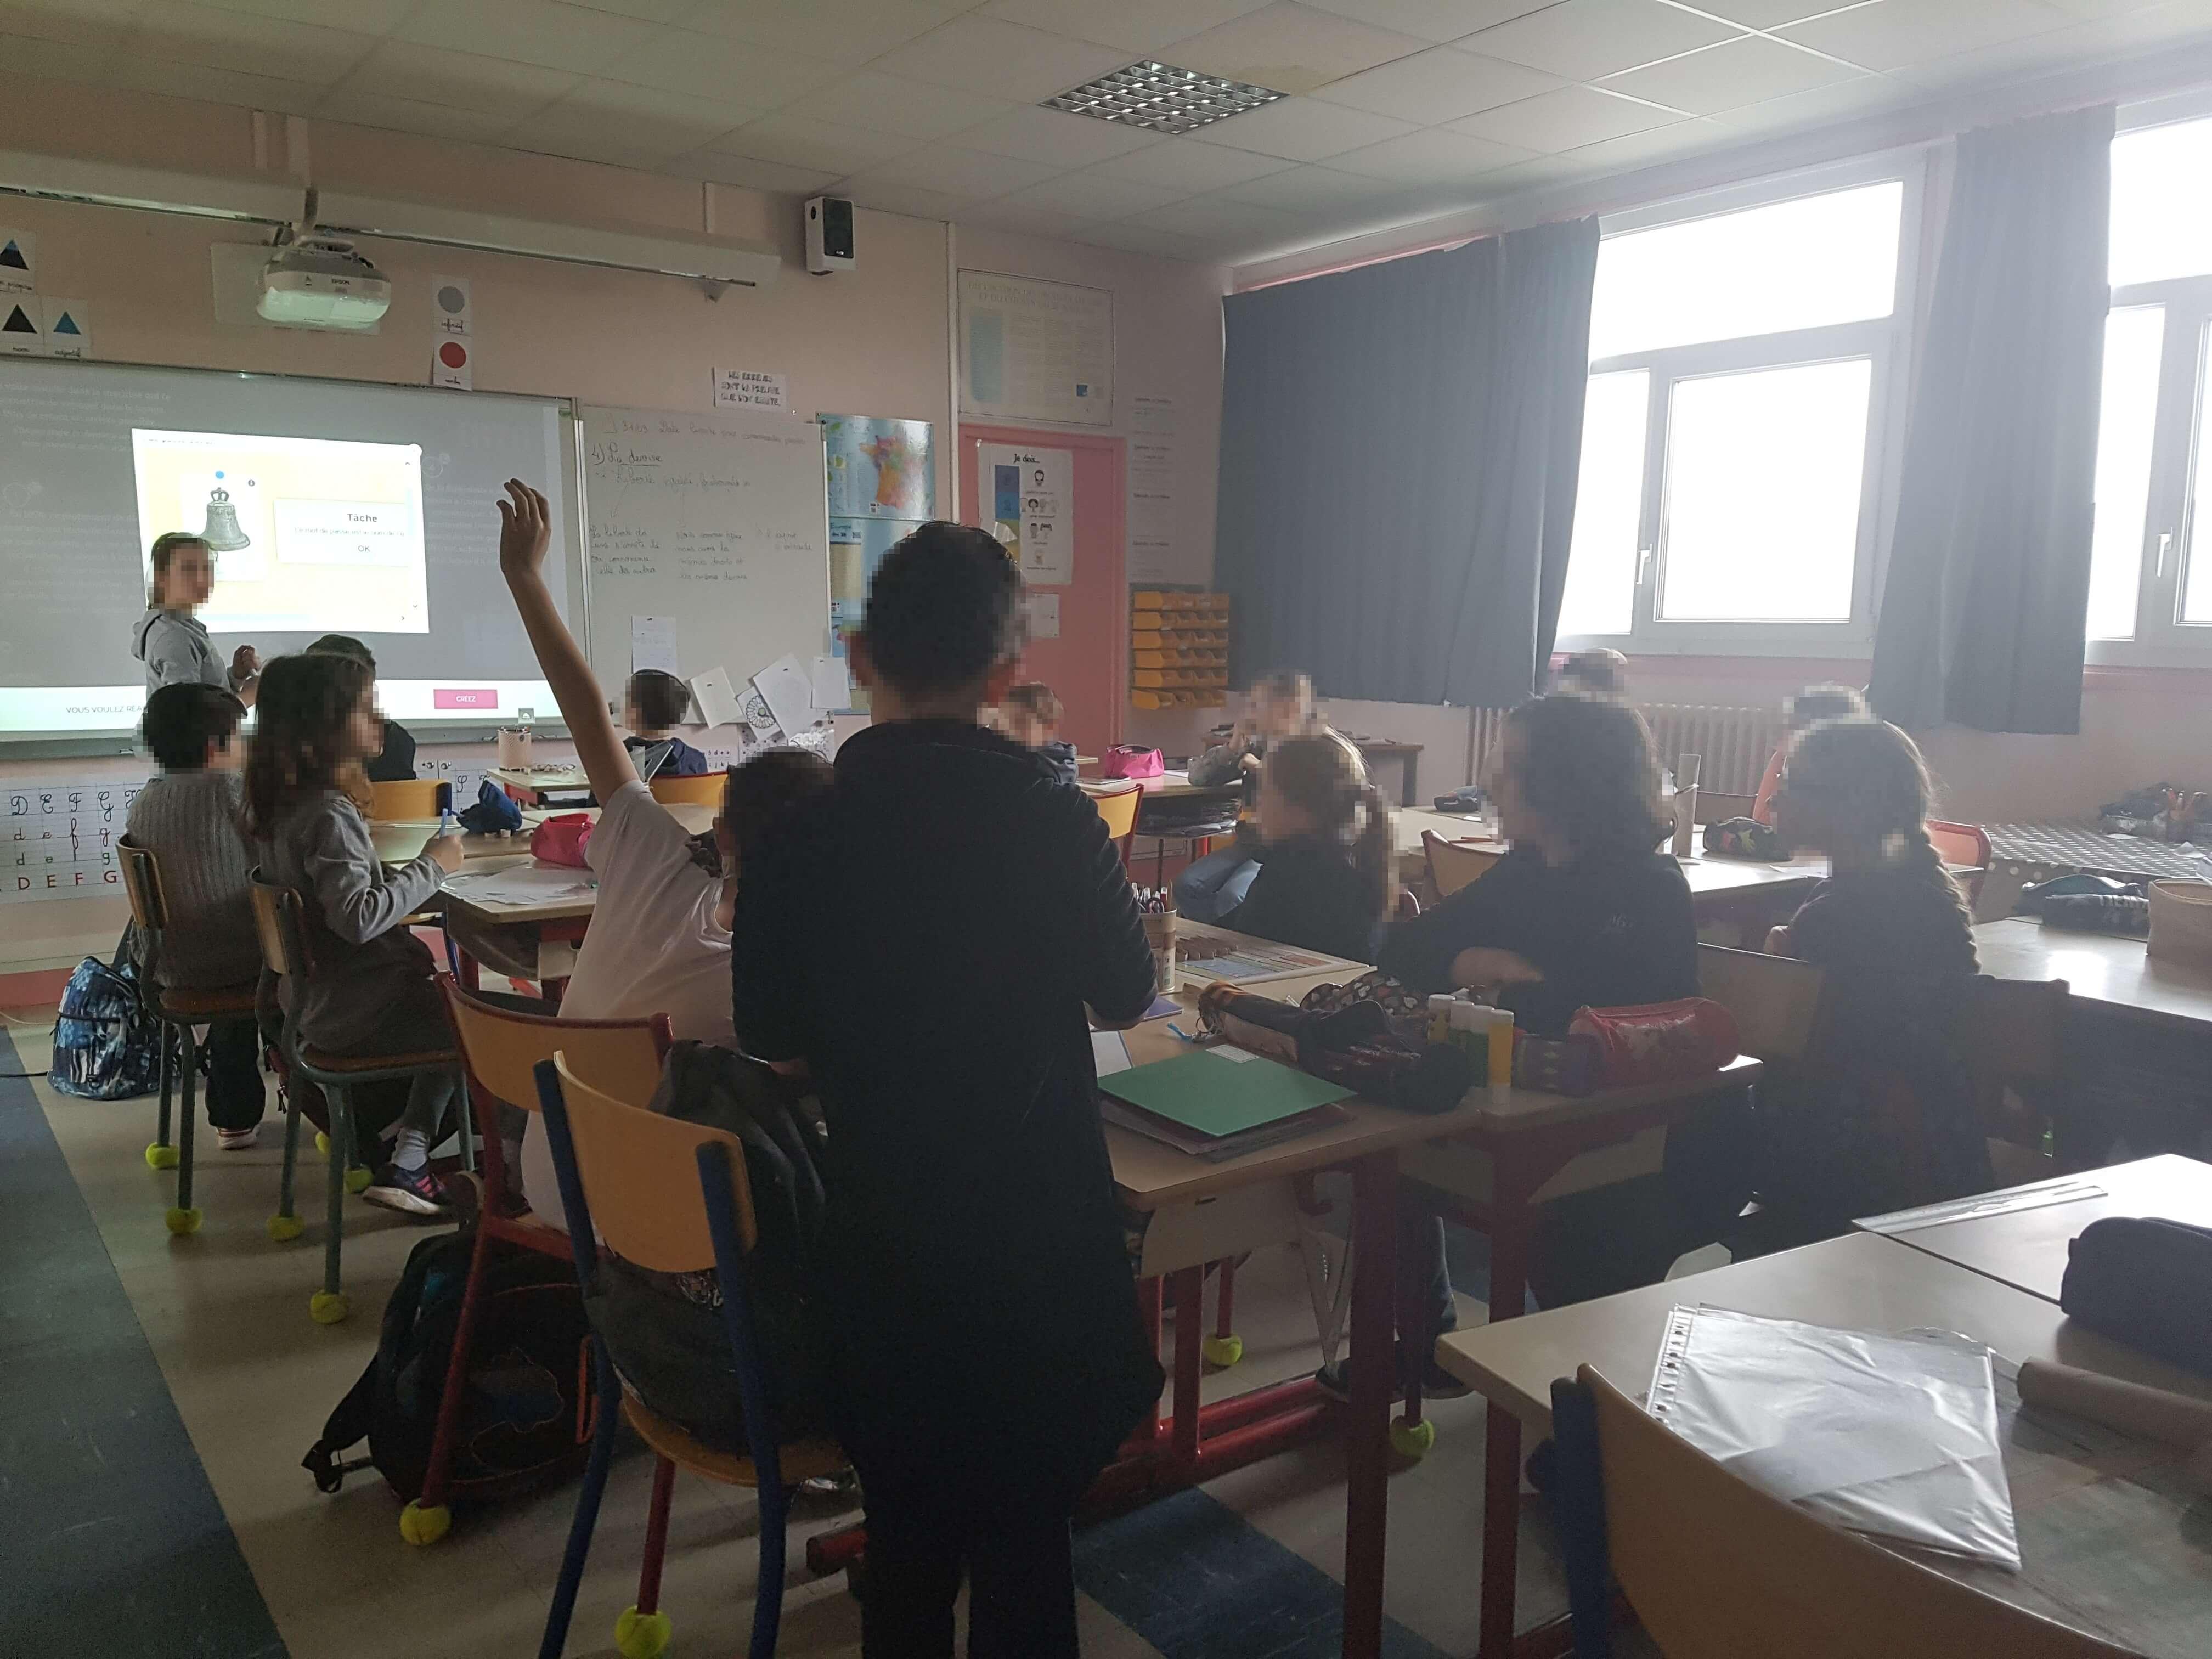 Les élèves jouent en classe entière pour résoudre les énigmes